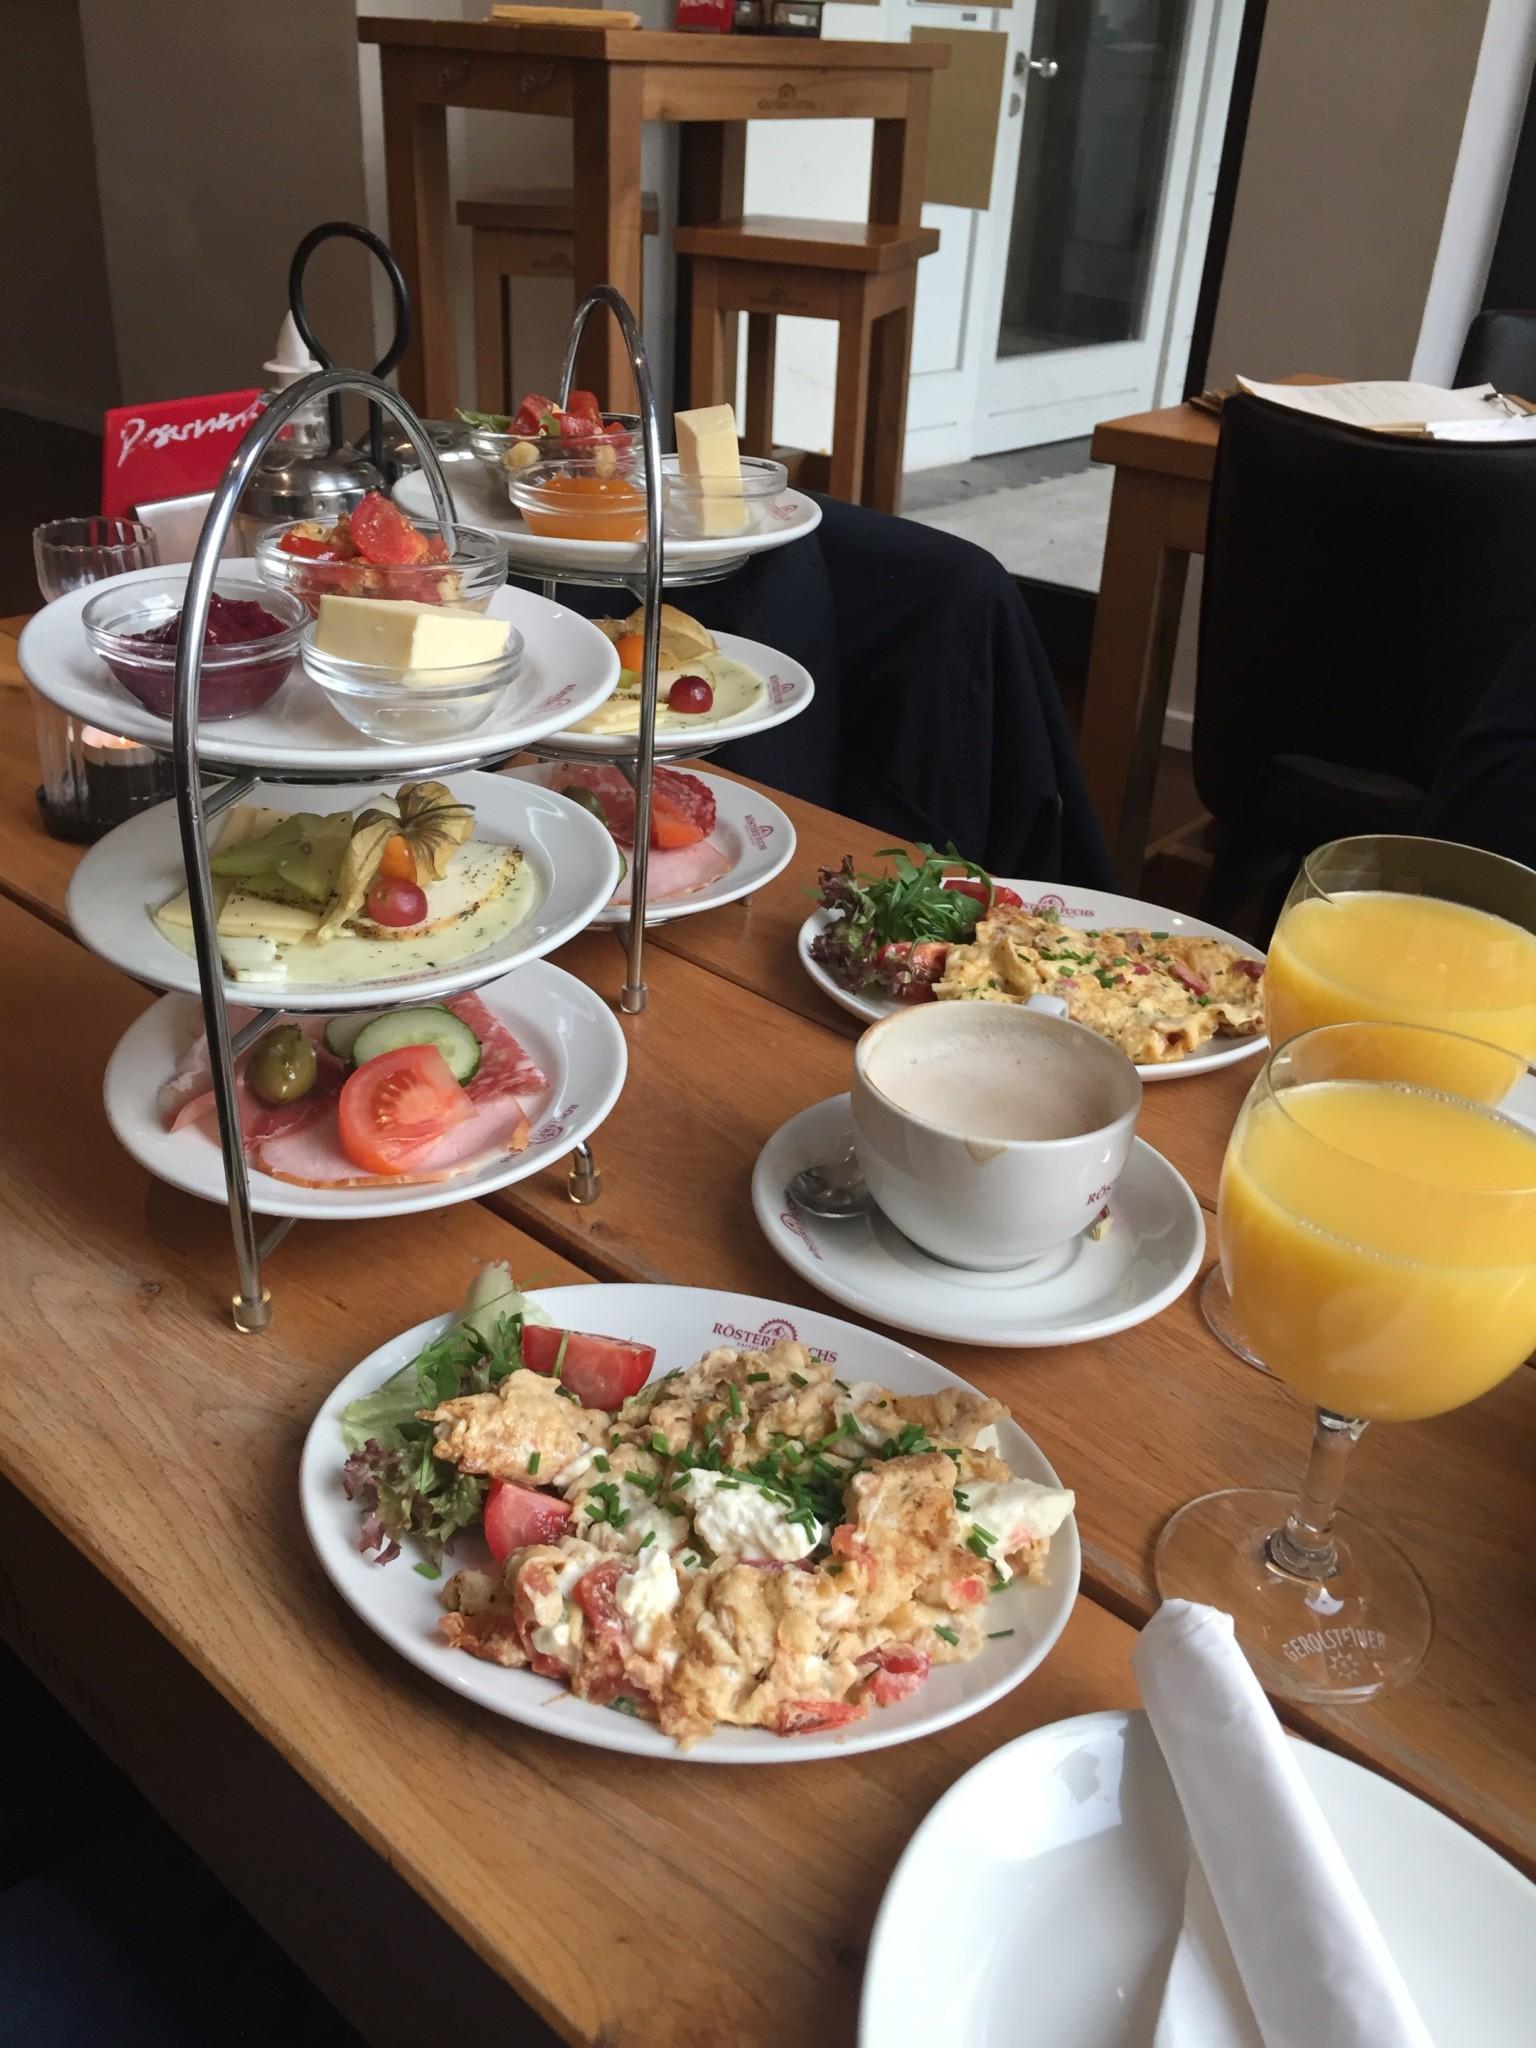 Breakfast at Rösterei Fuchs in Schwerin during our team retreat.